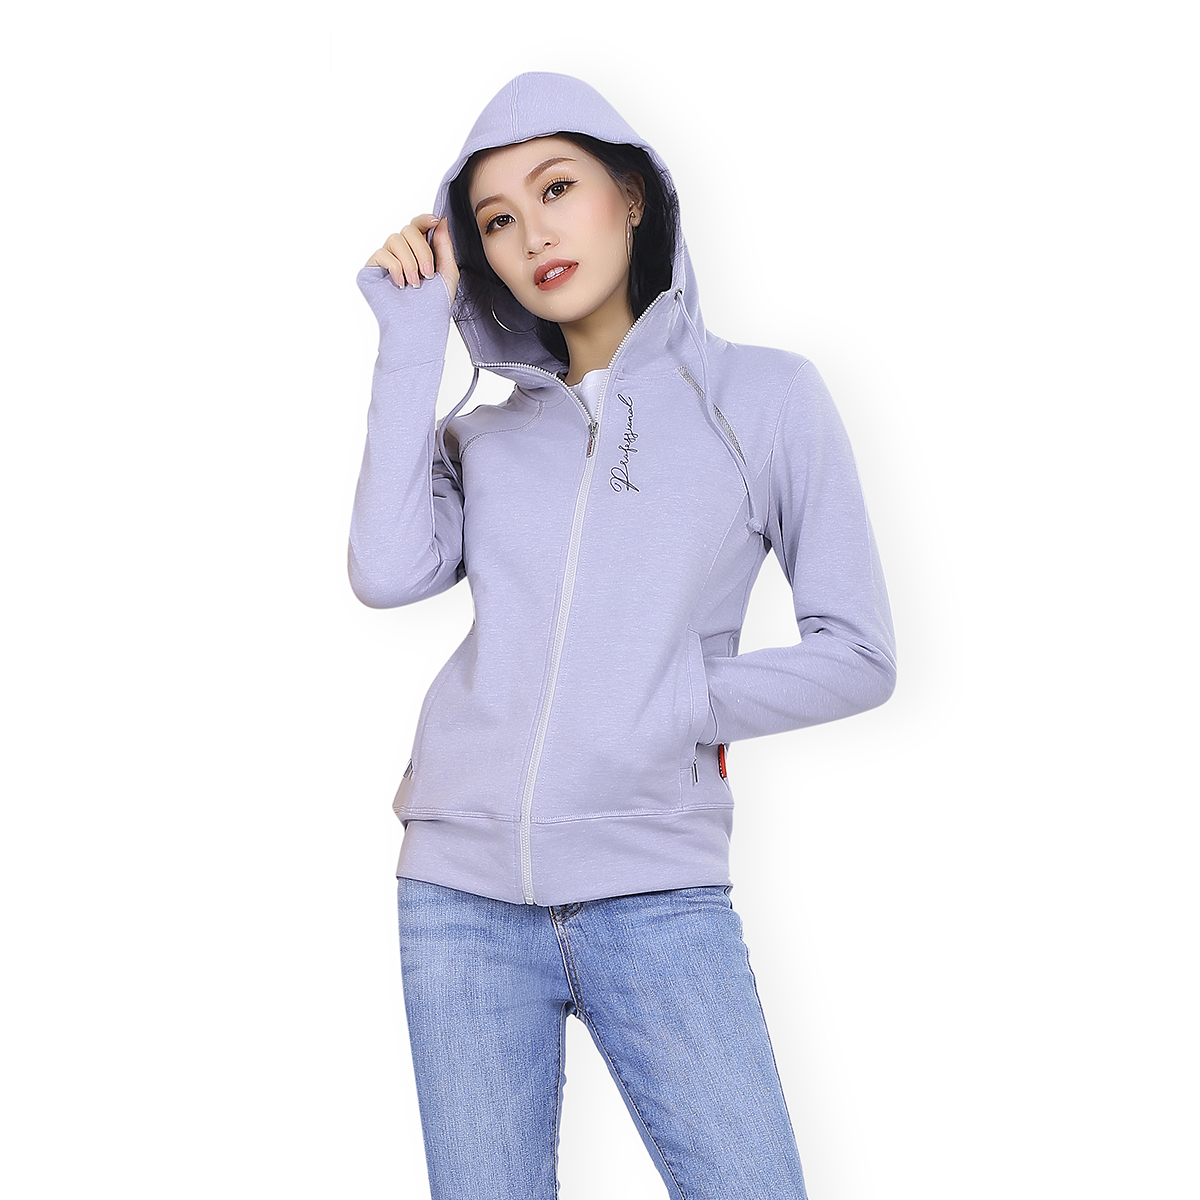 Áo khoác c3 cao cấp có nón chống tia tử ngoại uv akcn 401p 1060